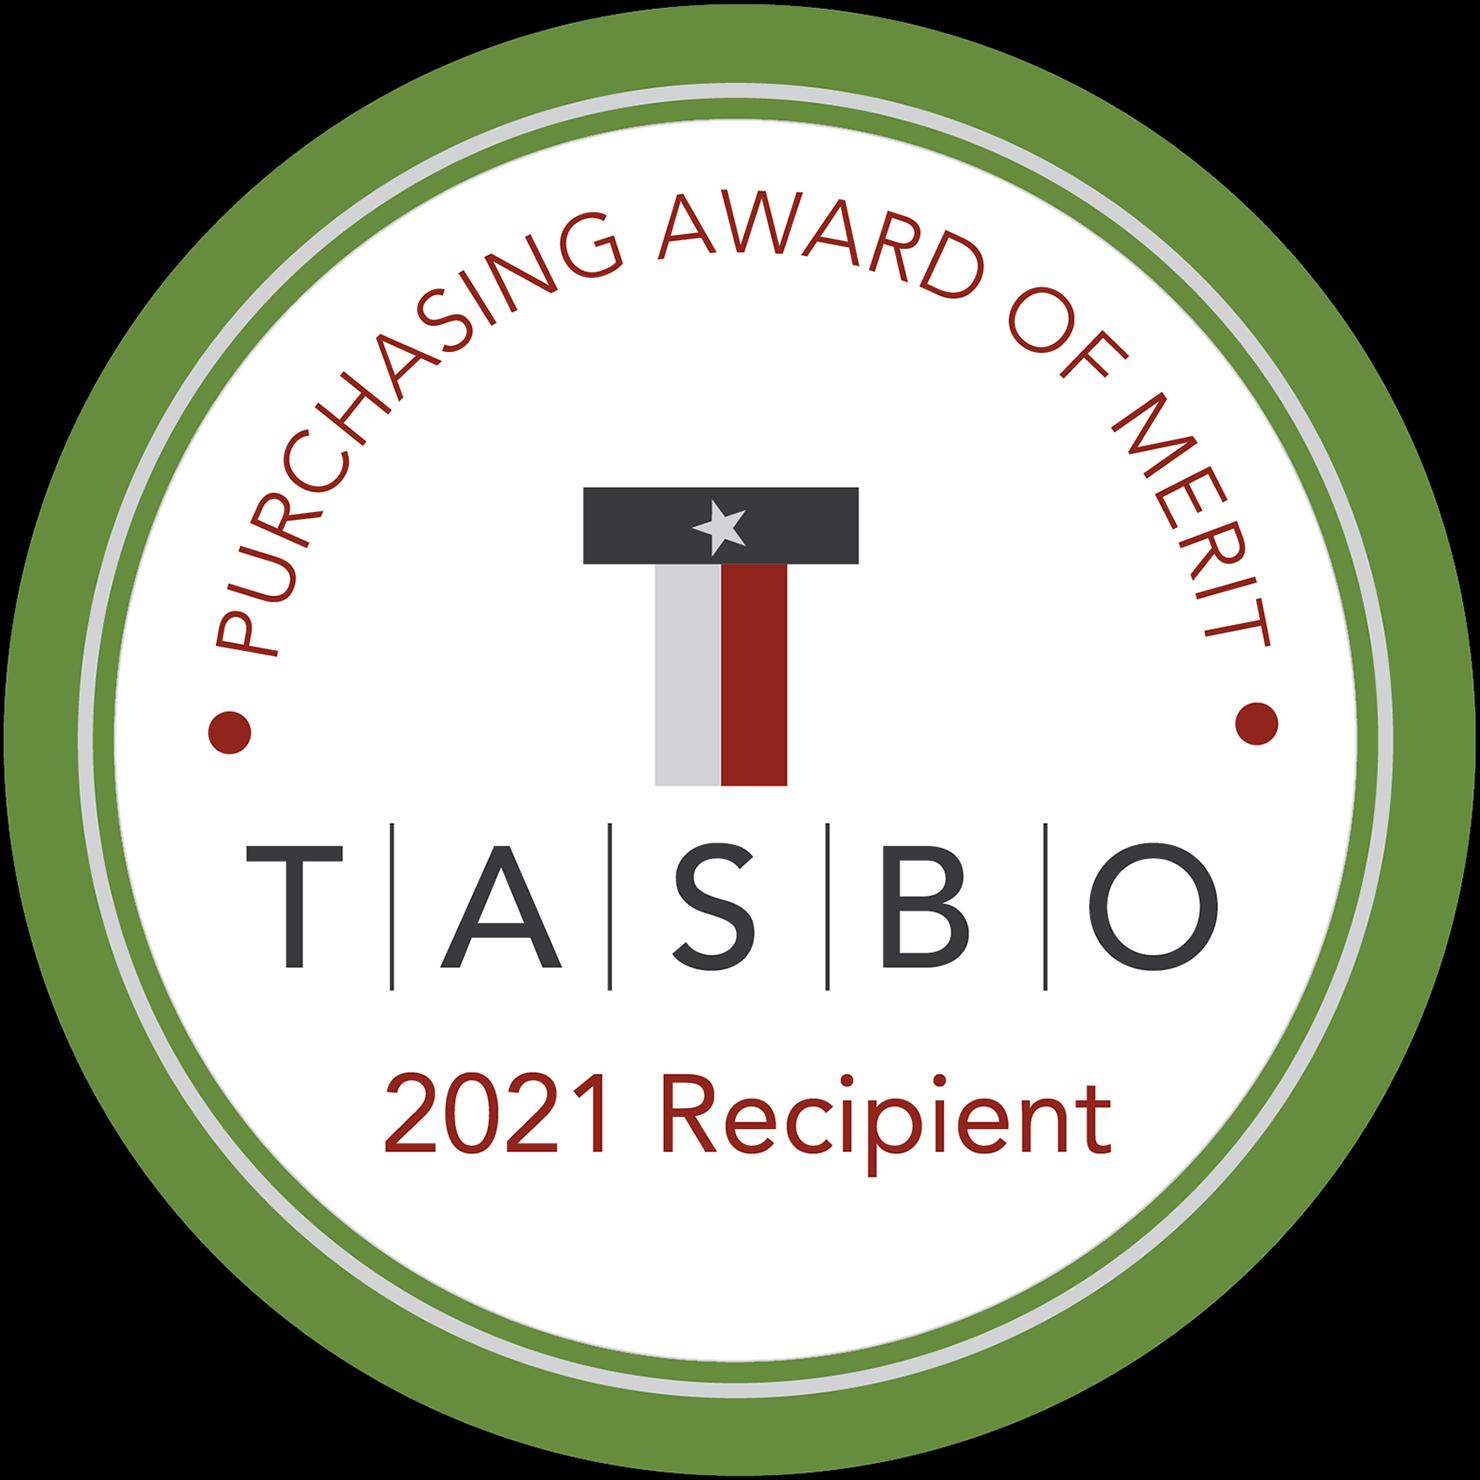 Purchasing Award of Merit 2020 Recipient